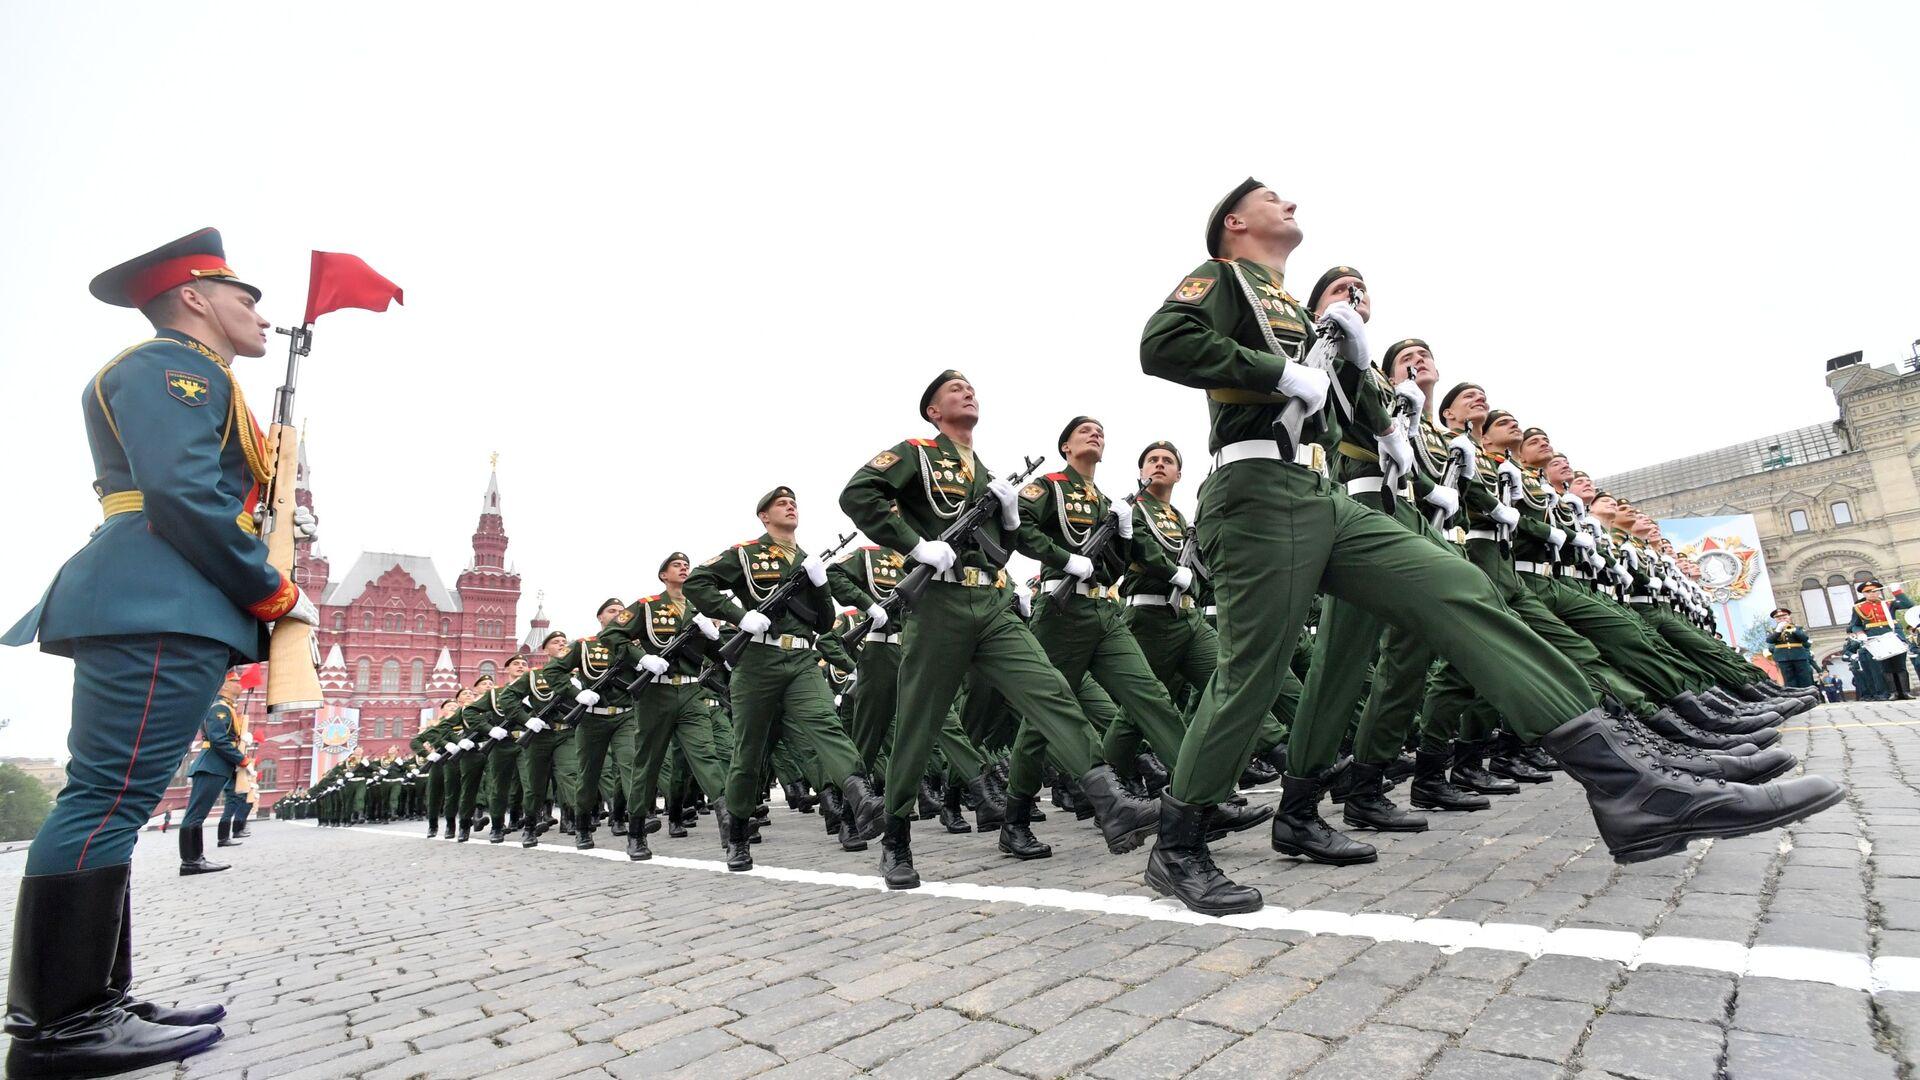 Vojáci na vojenské přehlídce věnované 74. výročí vítězství ve druhé světové válce - Sputnik Česká republika, 1920, 23.04.2021